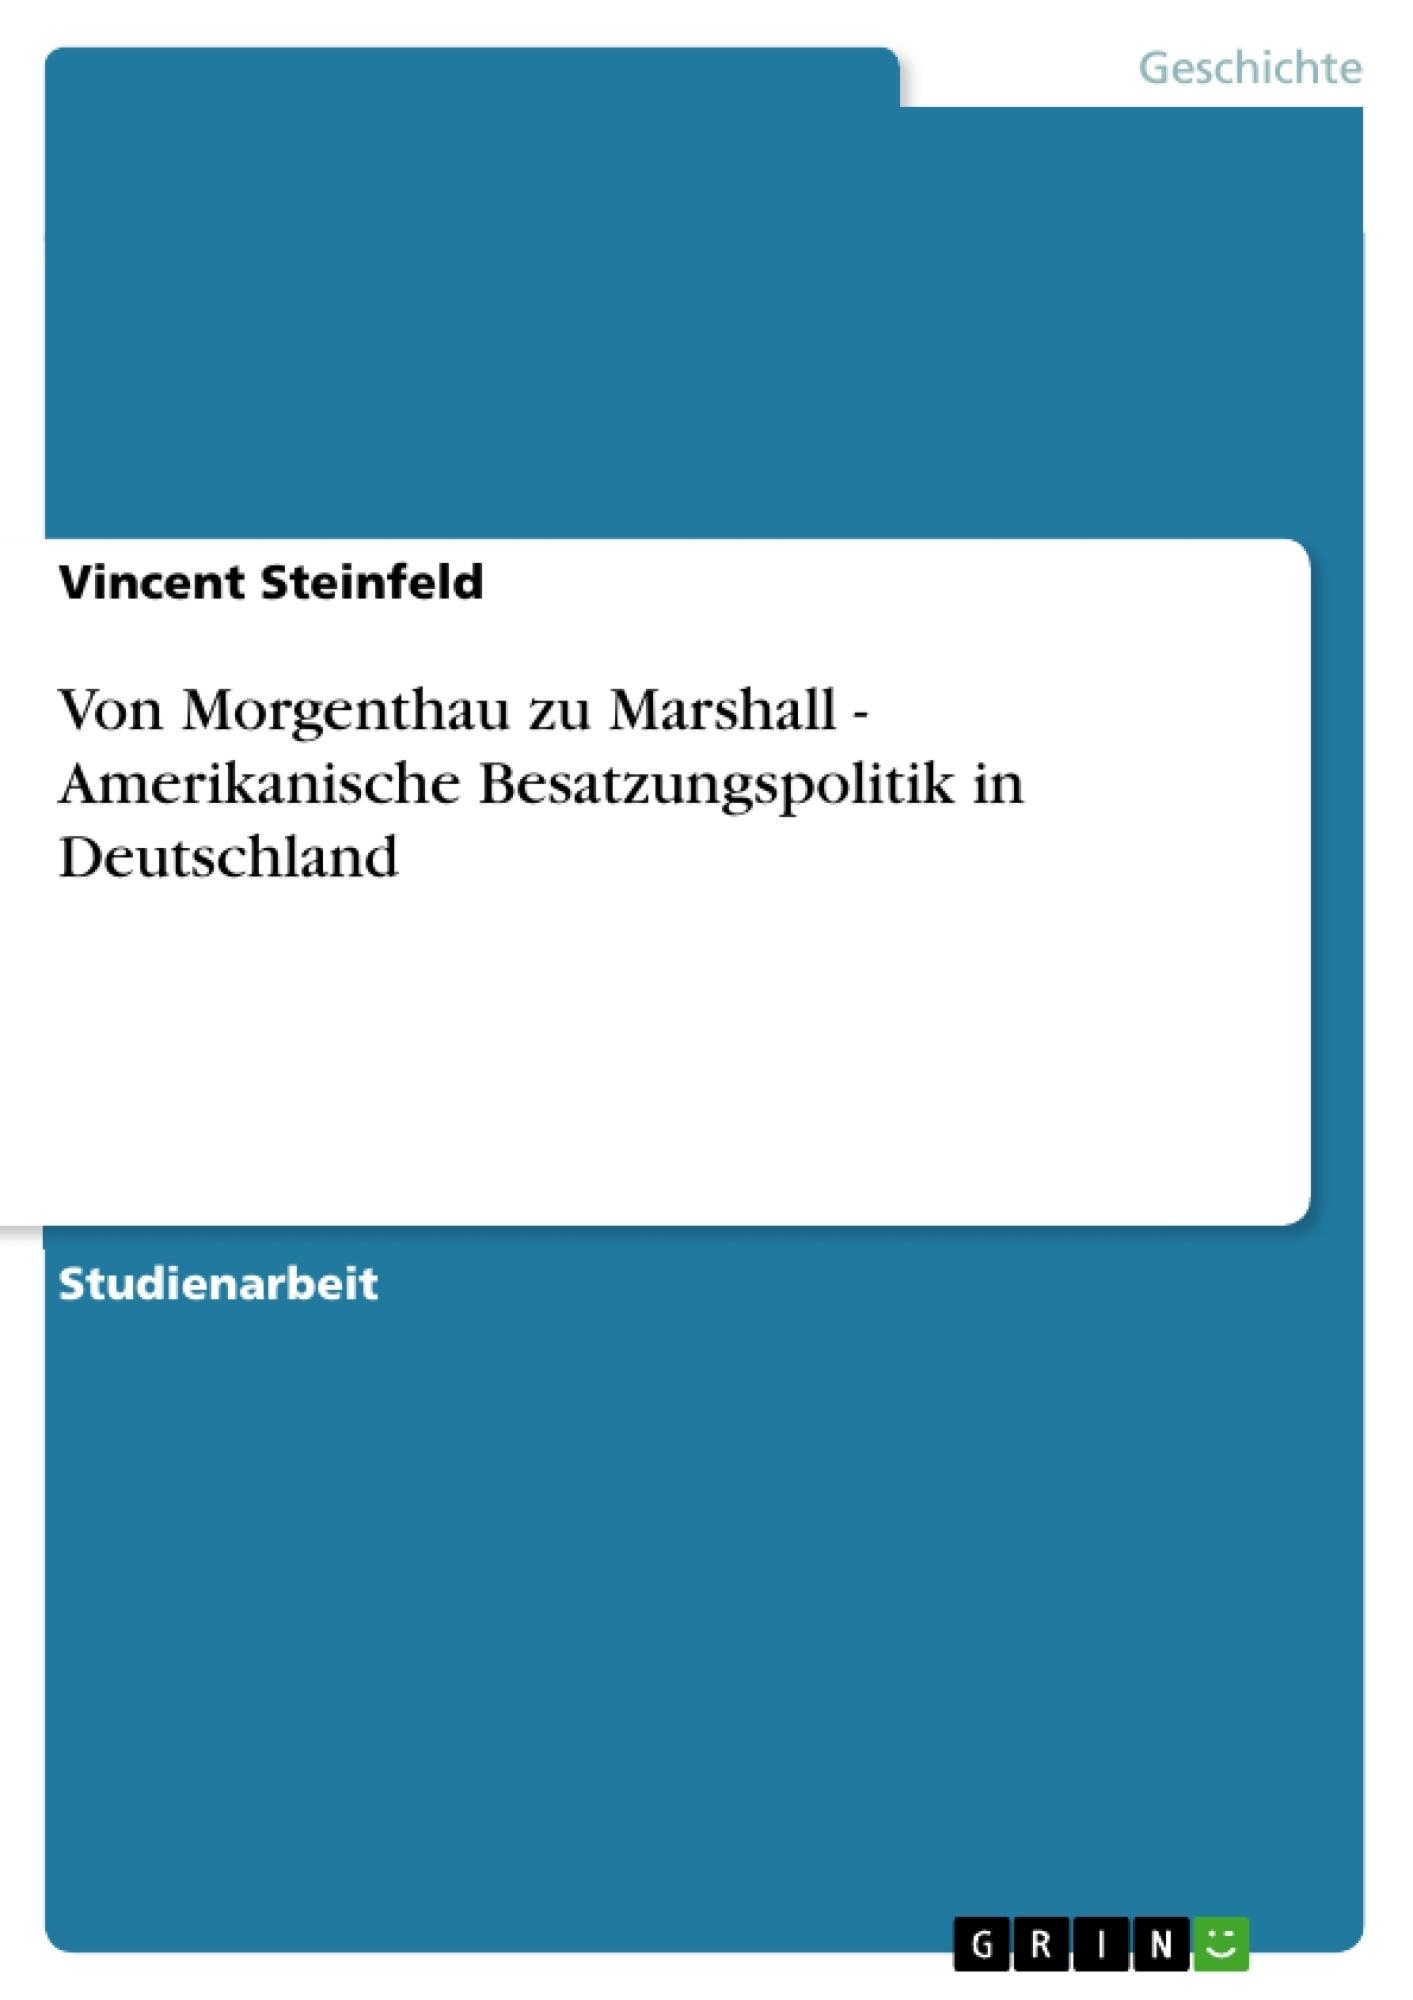 Titel: Von Morgenthau zu Marshall - Amerikanische Besatzungspolitik in Deutschland